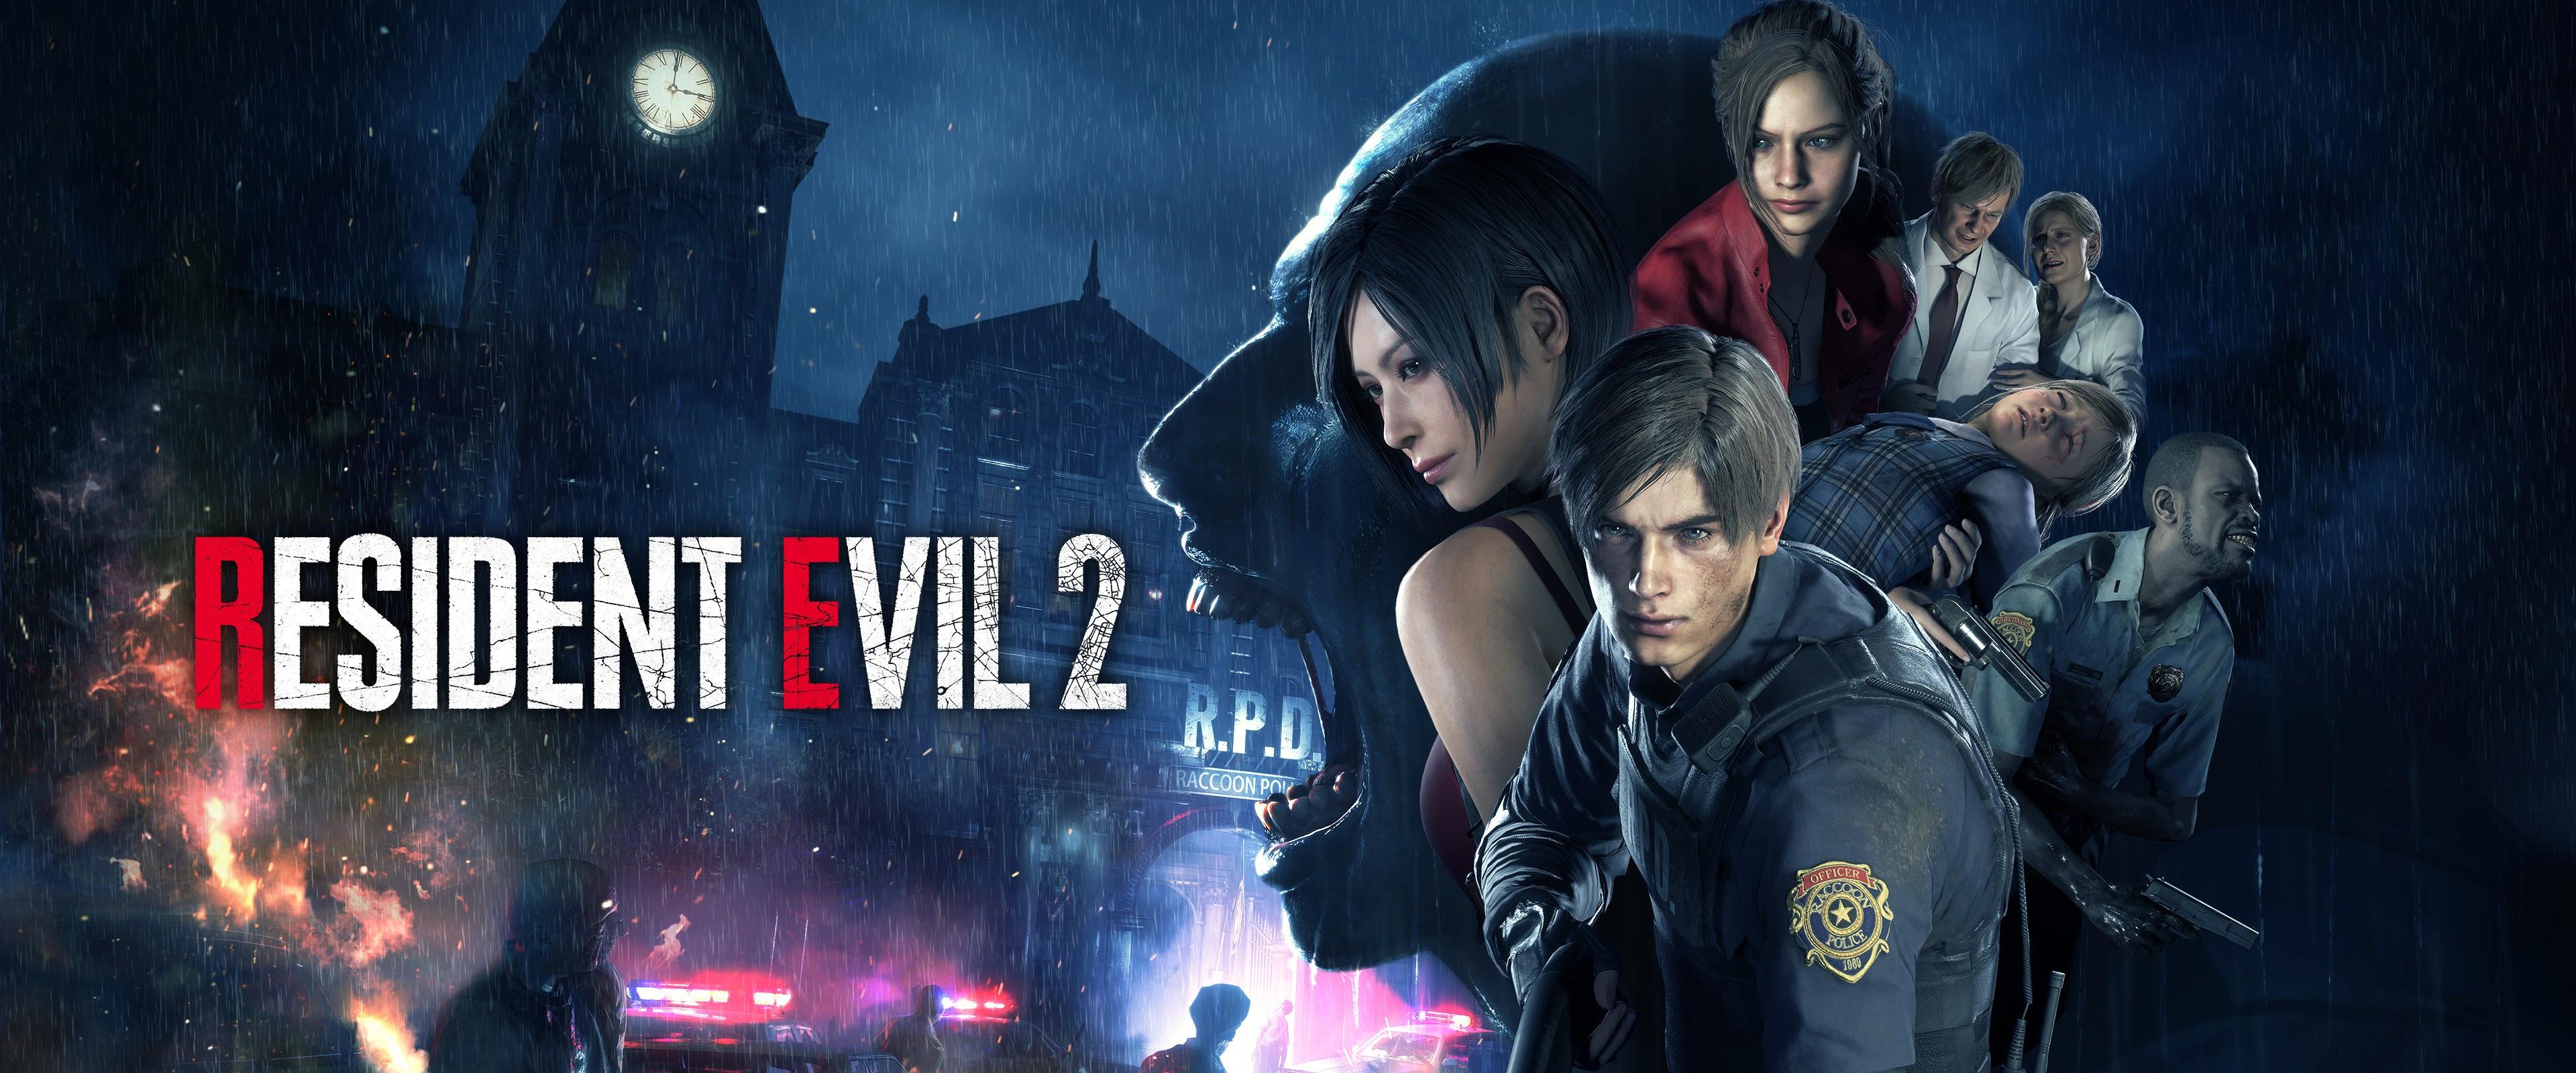 Resident Evil 2 Characters 4K Wallpaper #3